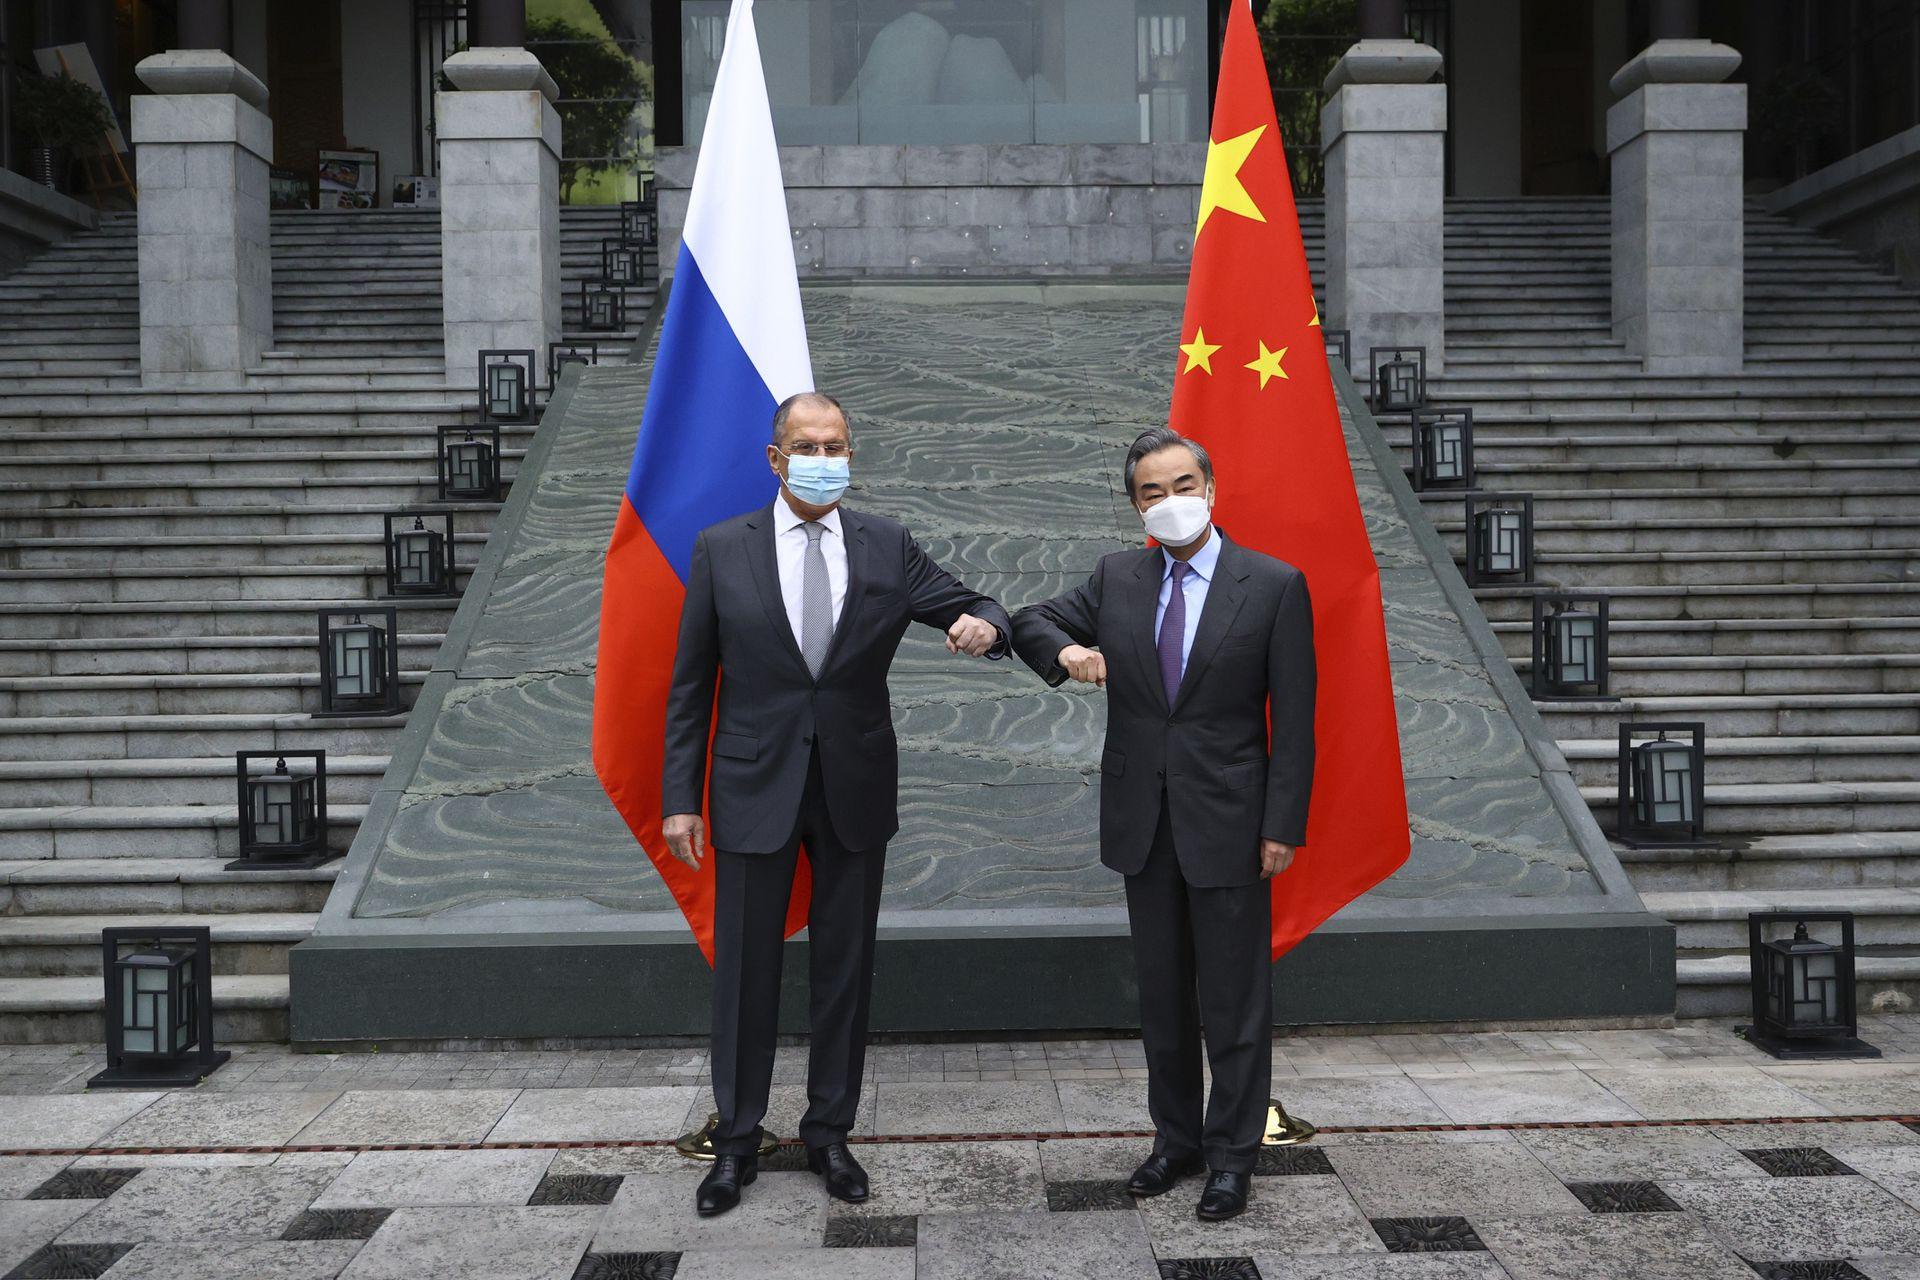 反击美国制裁,俄罗斯宣布将驱逐10名美国外交官(图)